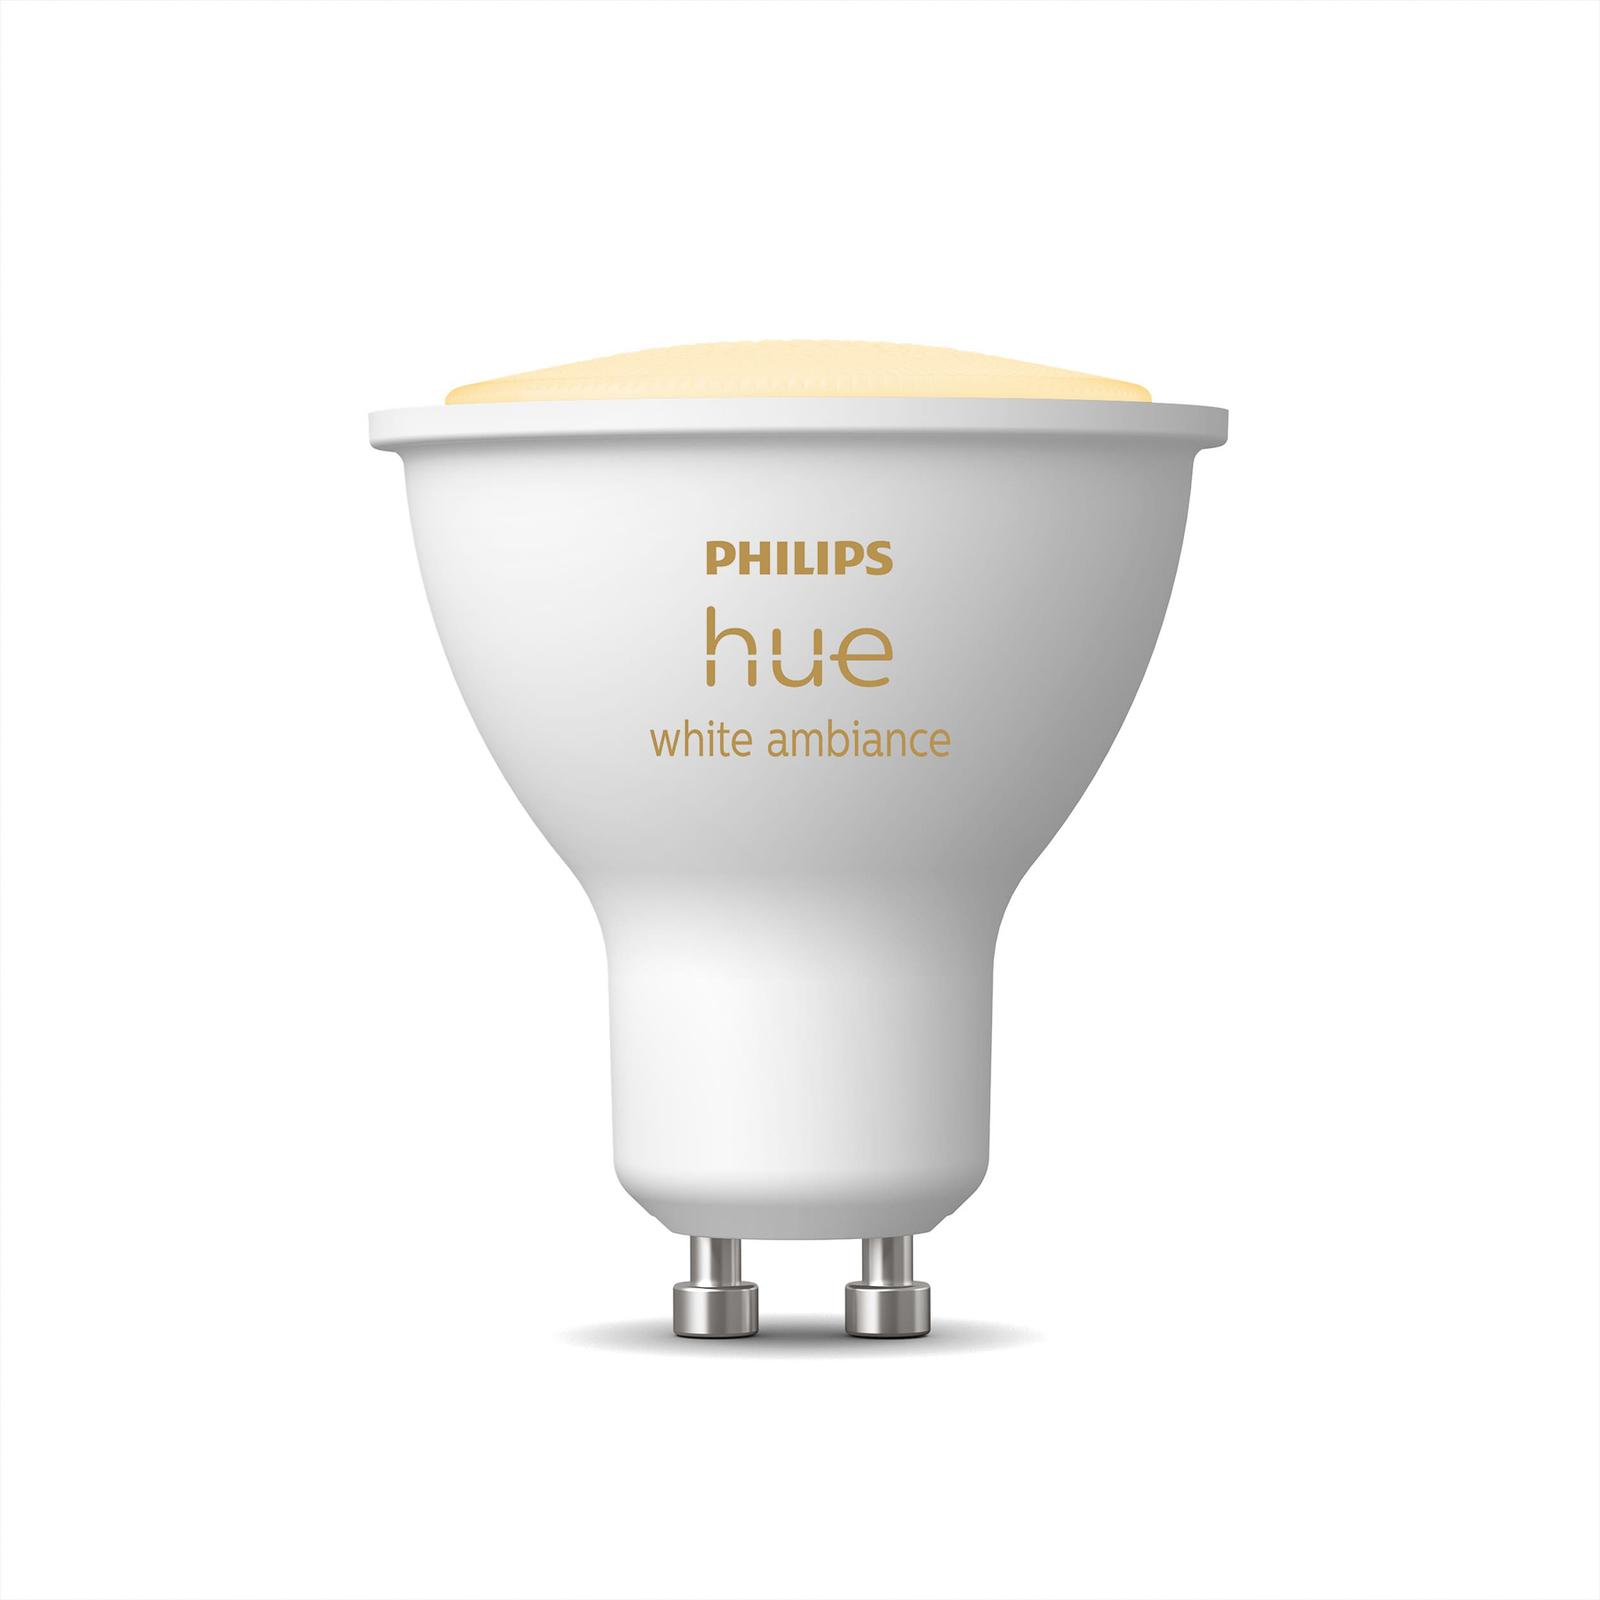 Żarówka LED Philips Hue White Ambiance 5 W GU10